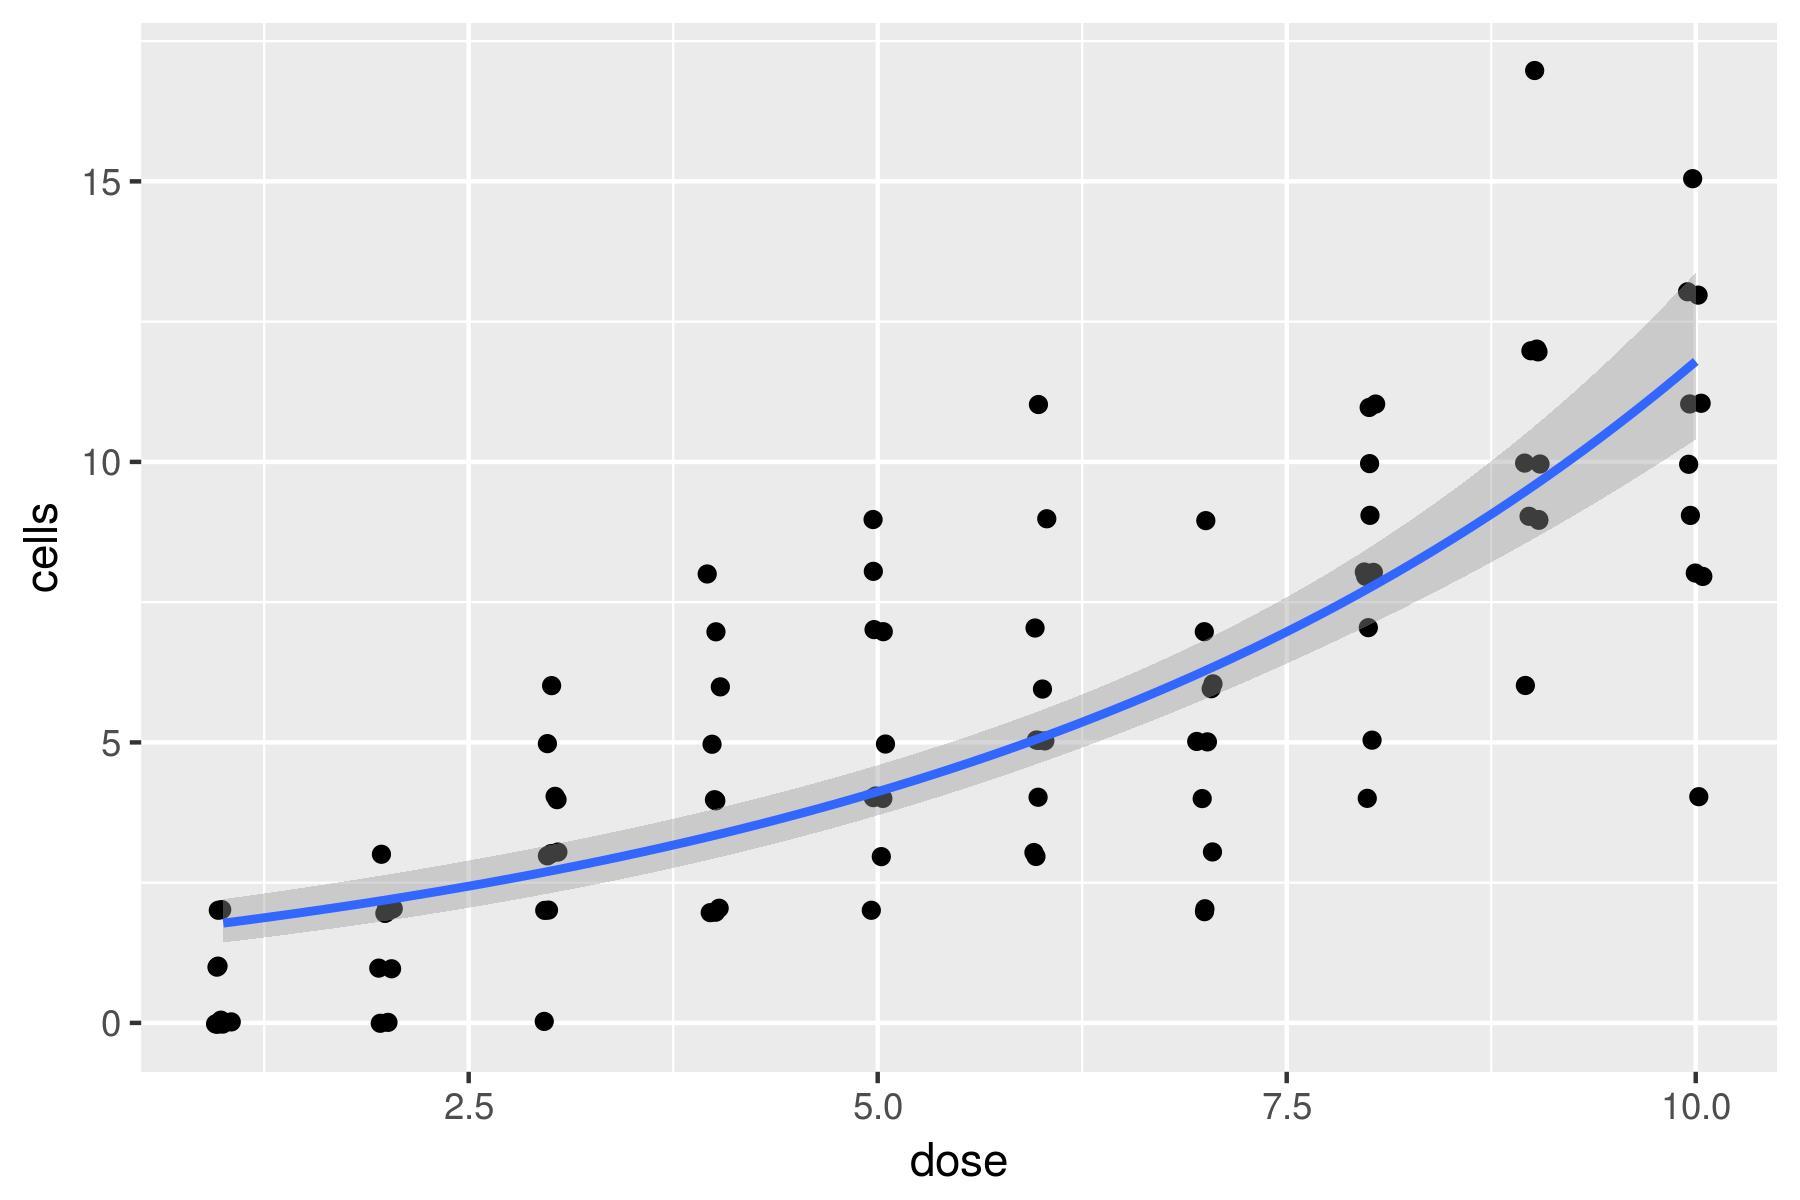 رگرسیون پواسن (Poisson Regression) — به زبان ساده